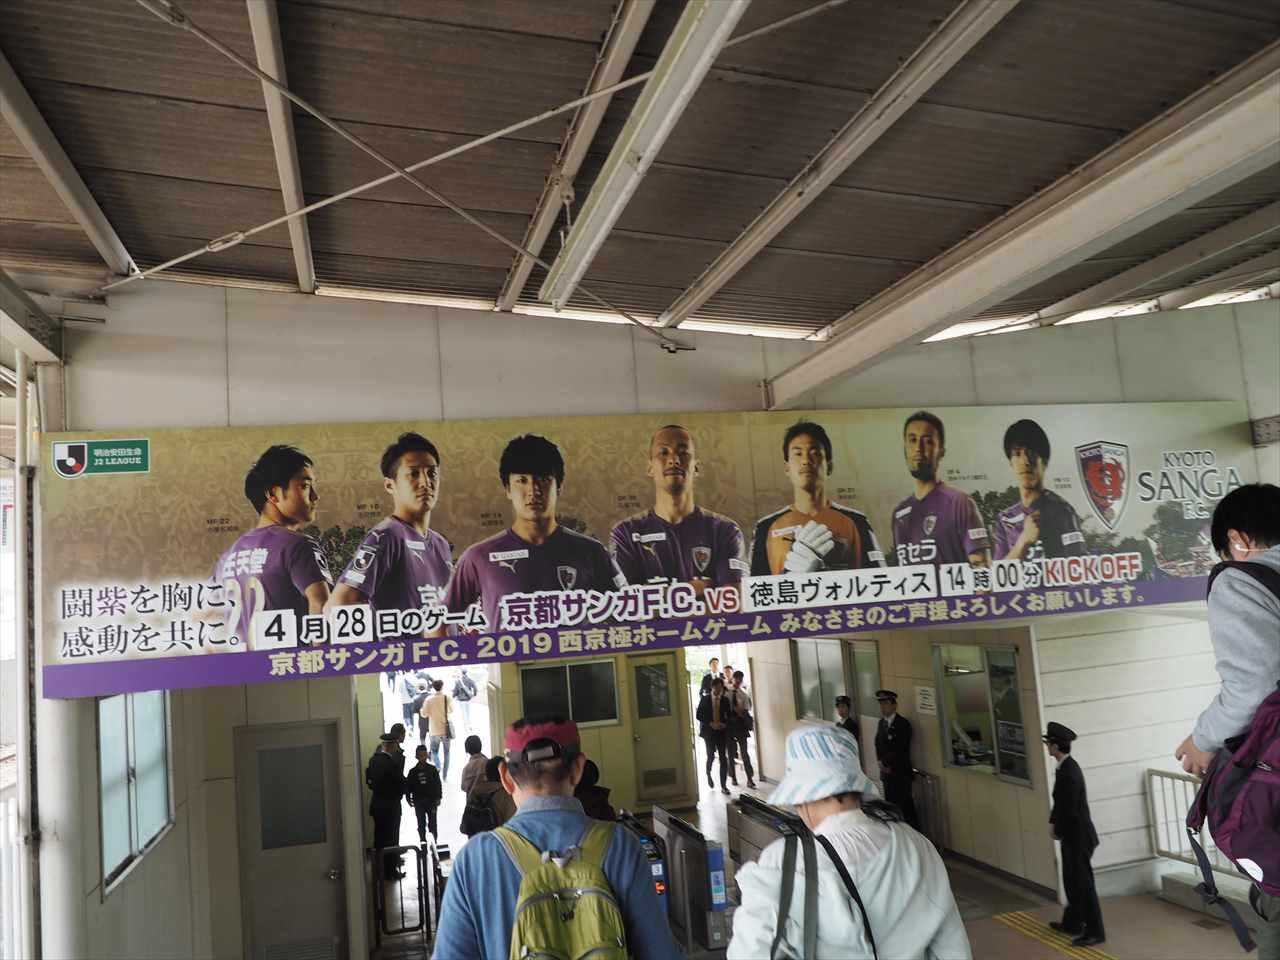 阪急電車 西京極駅 京都サンガ 選手パネル